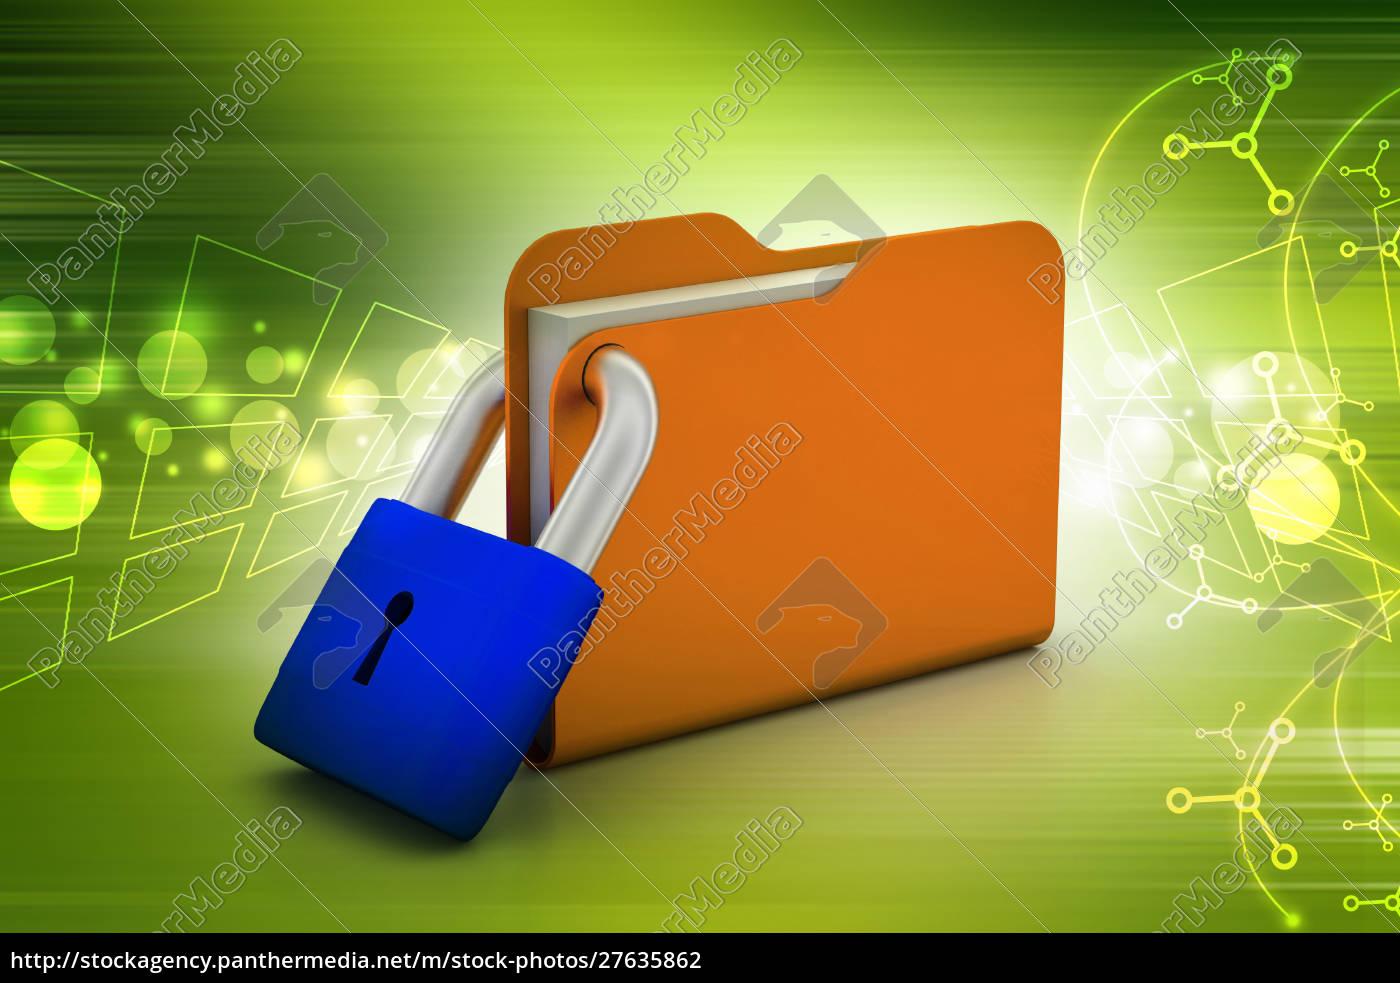 folder, locked - 27635862